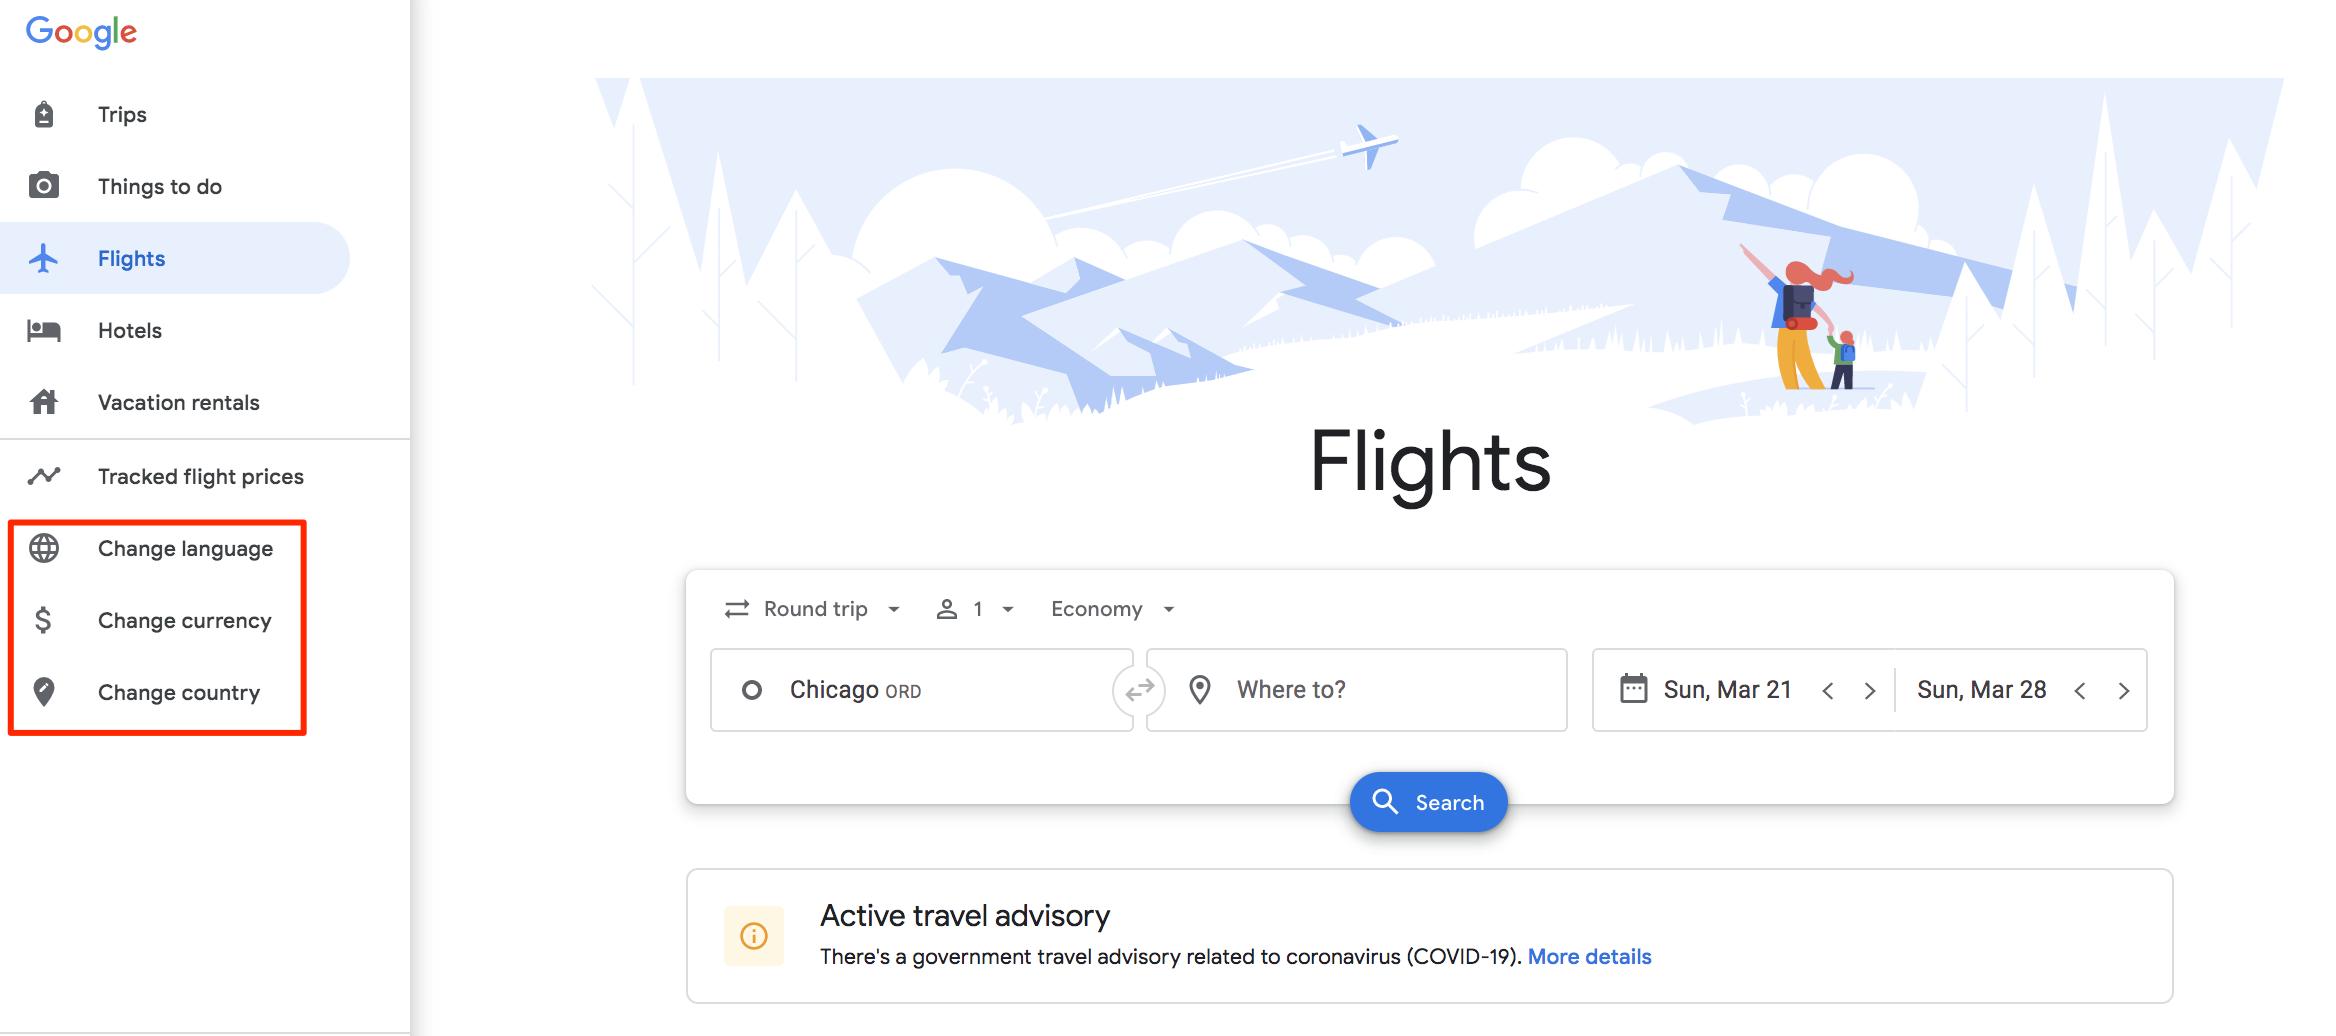 google flights menu settings